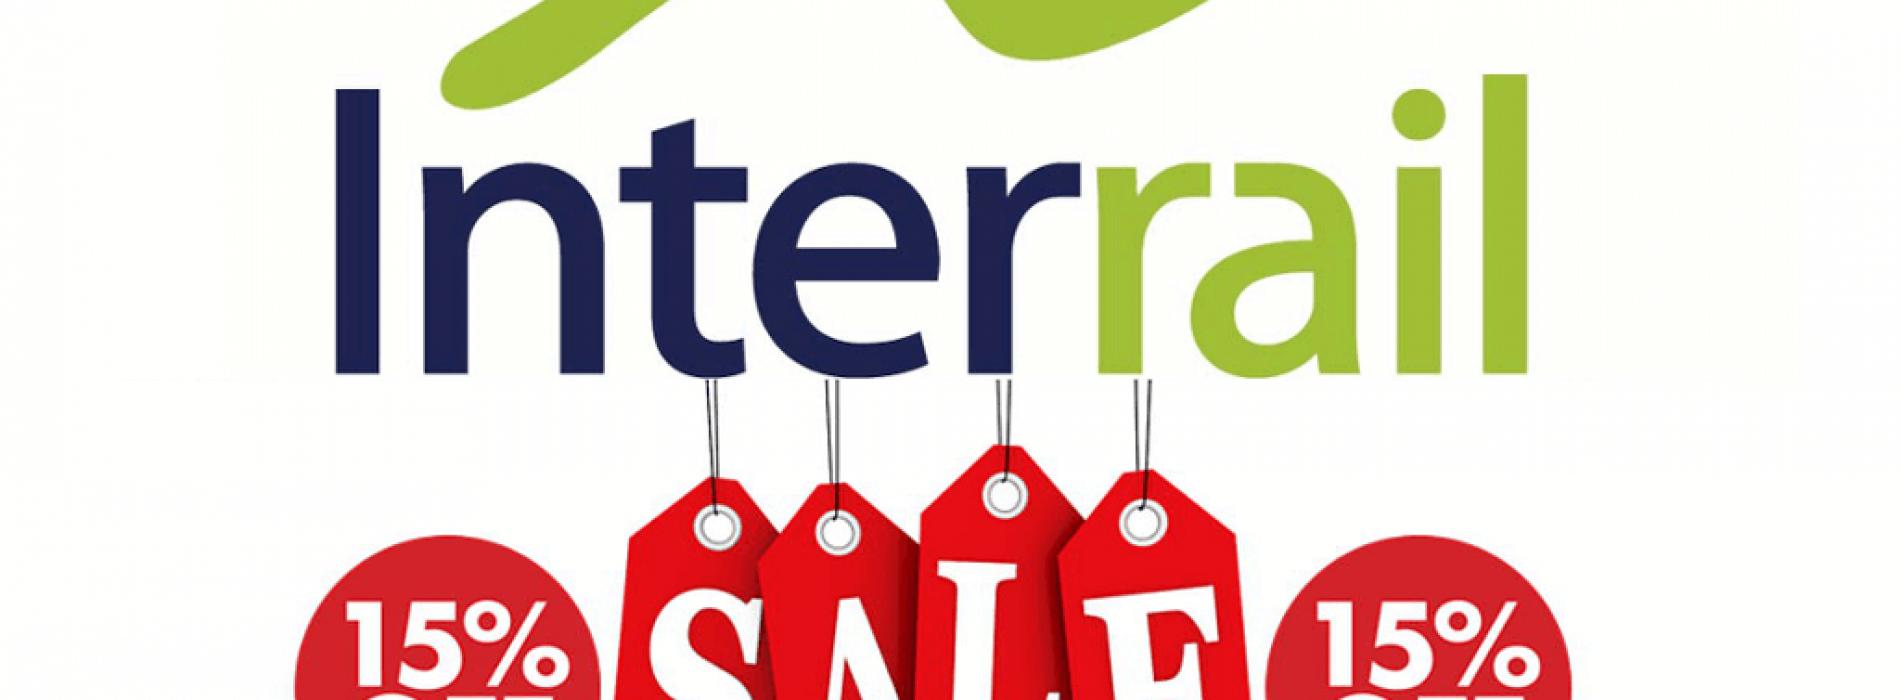 Interrail Bileti Fiyatları ve Kullanım Şekilleri 2016